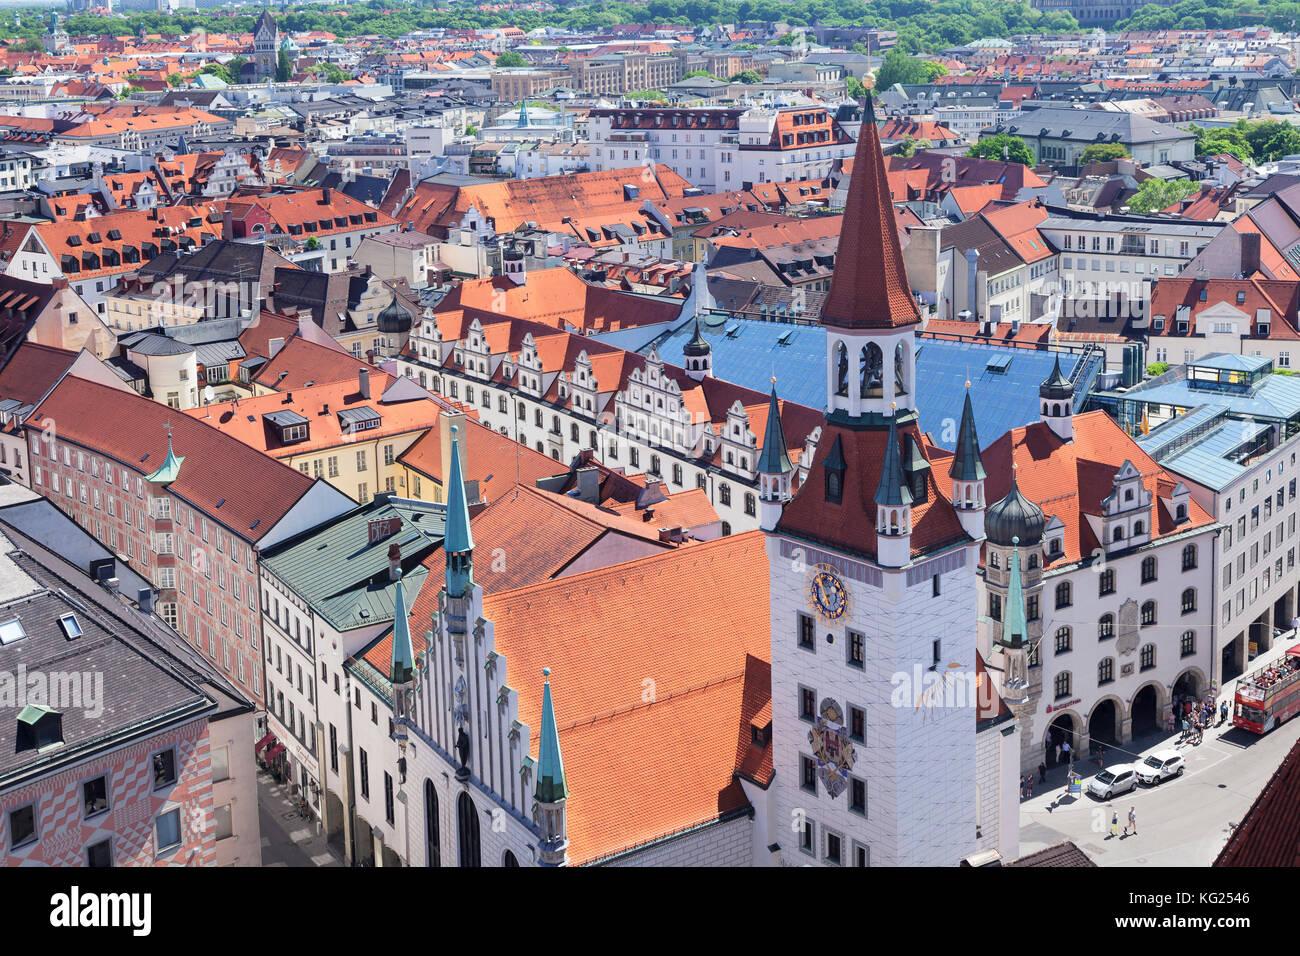 Antiguo ayuntamiento (Altes Rathaus) en la plaza Marienplatz, Munich, Baviera, Alemania, Europa Imagen De Stock